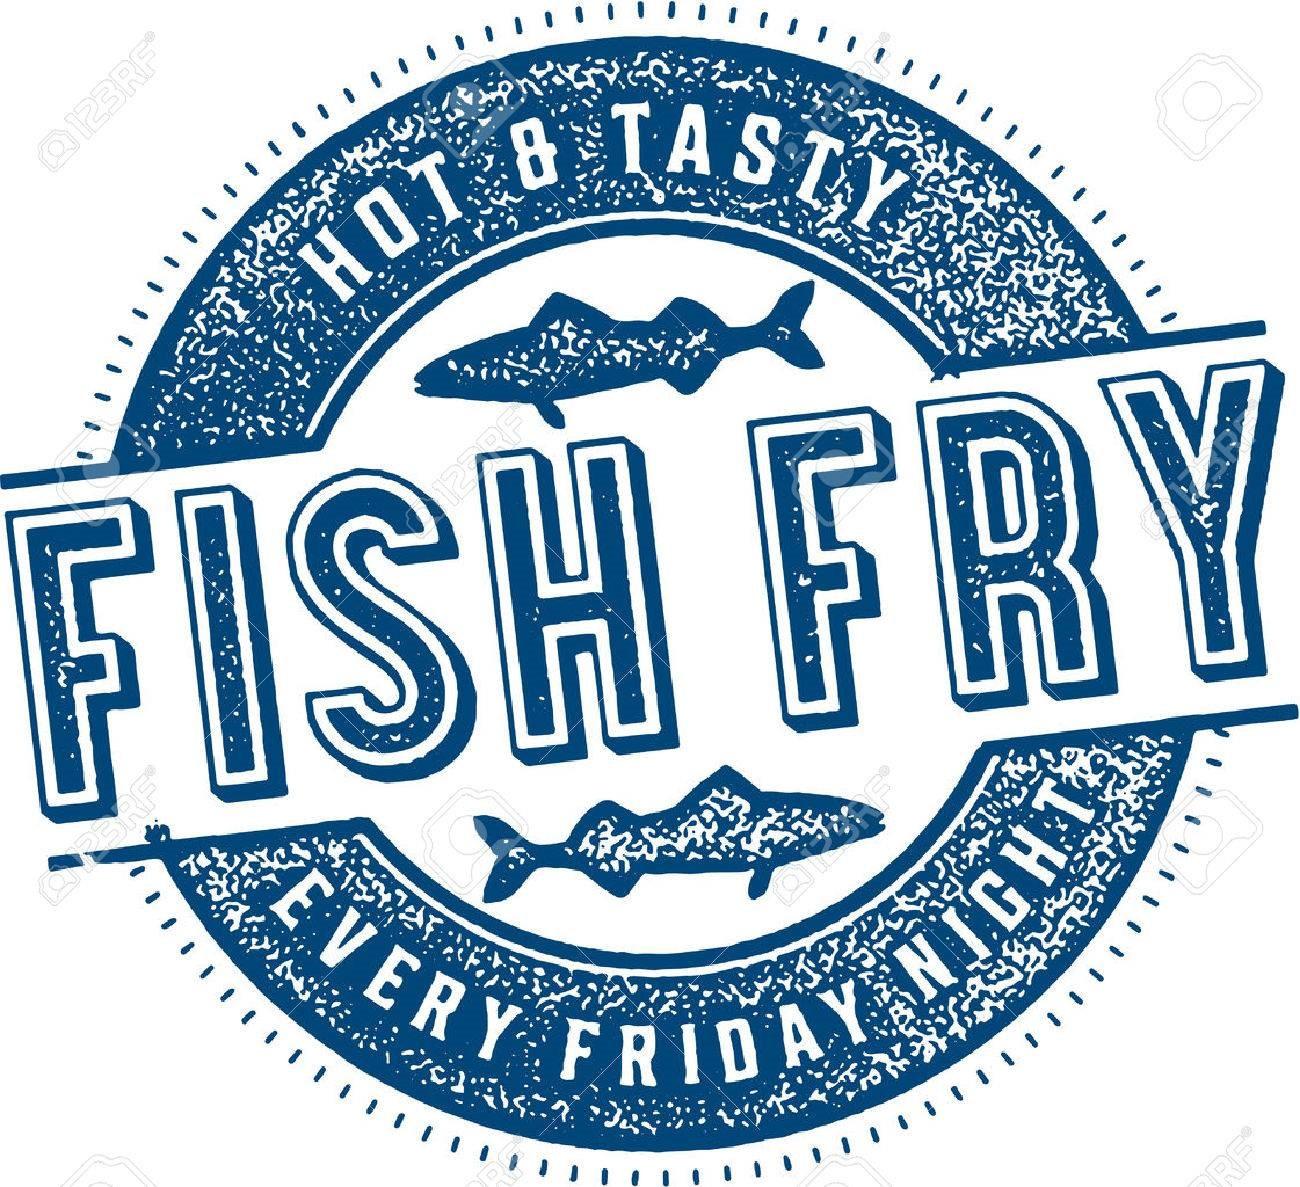 Fish Friday!